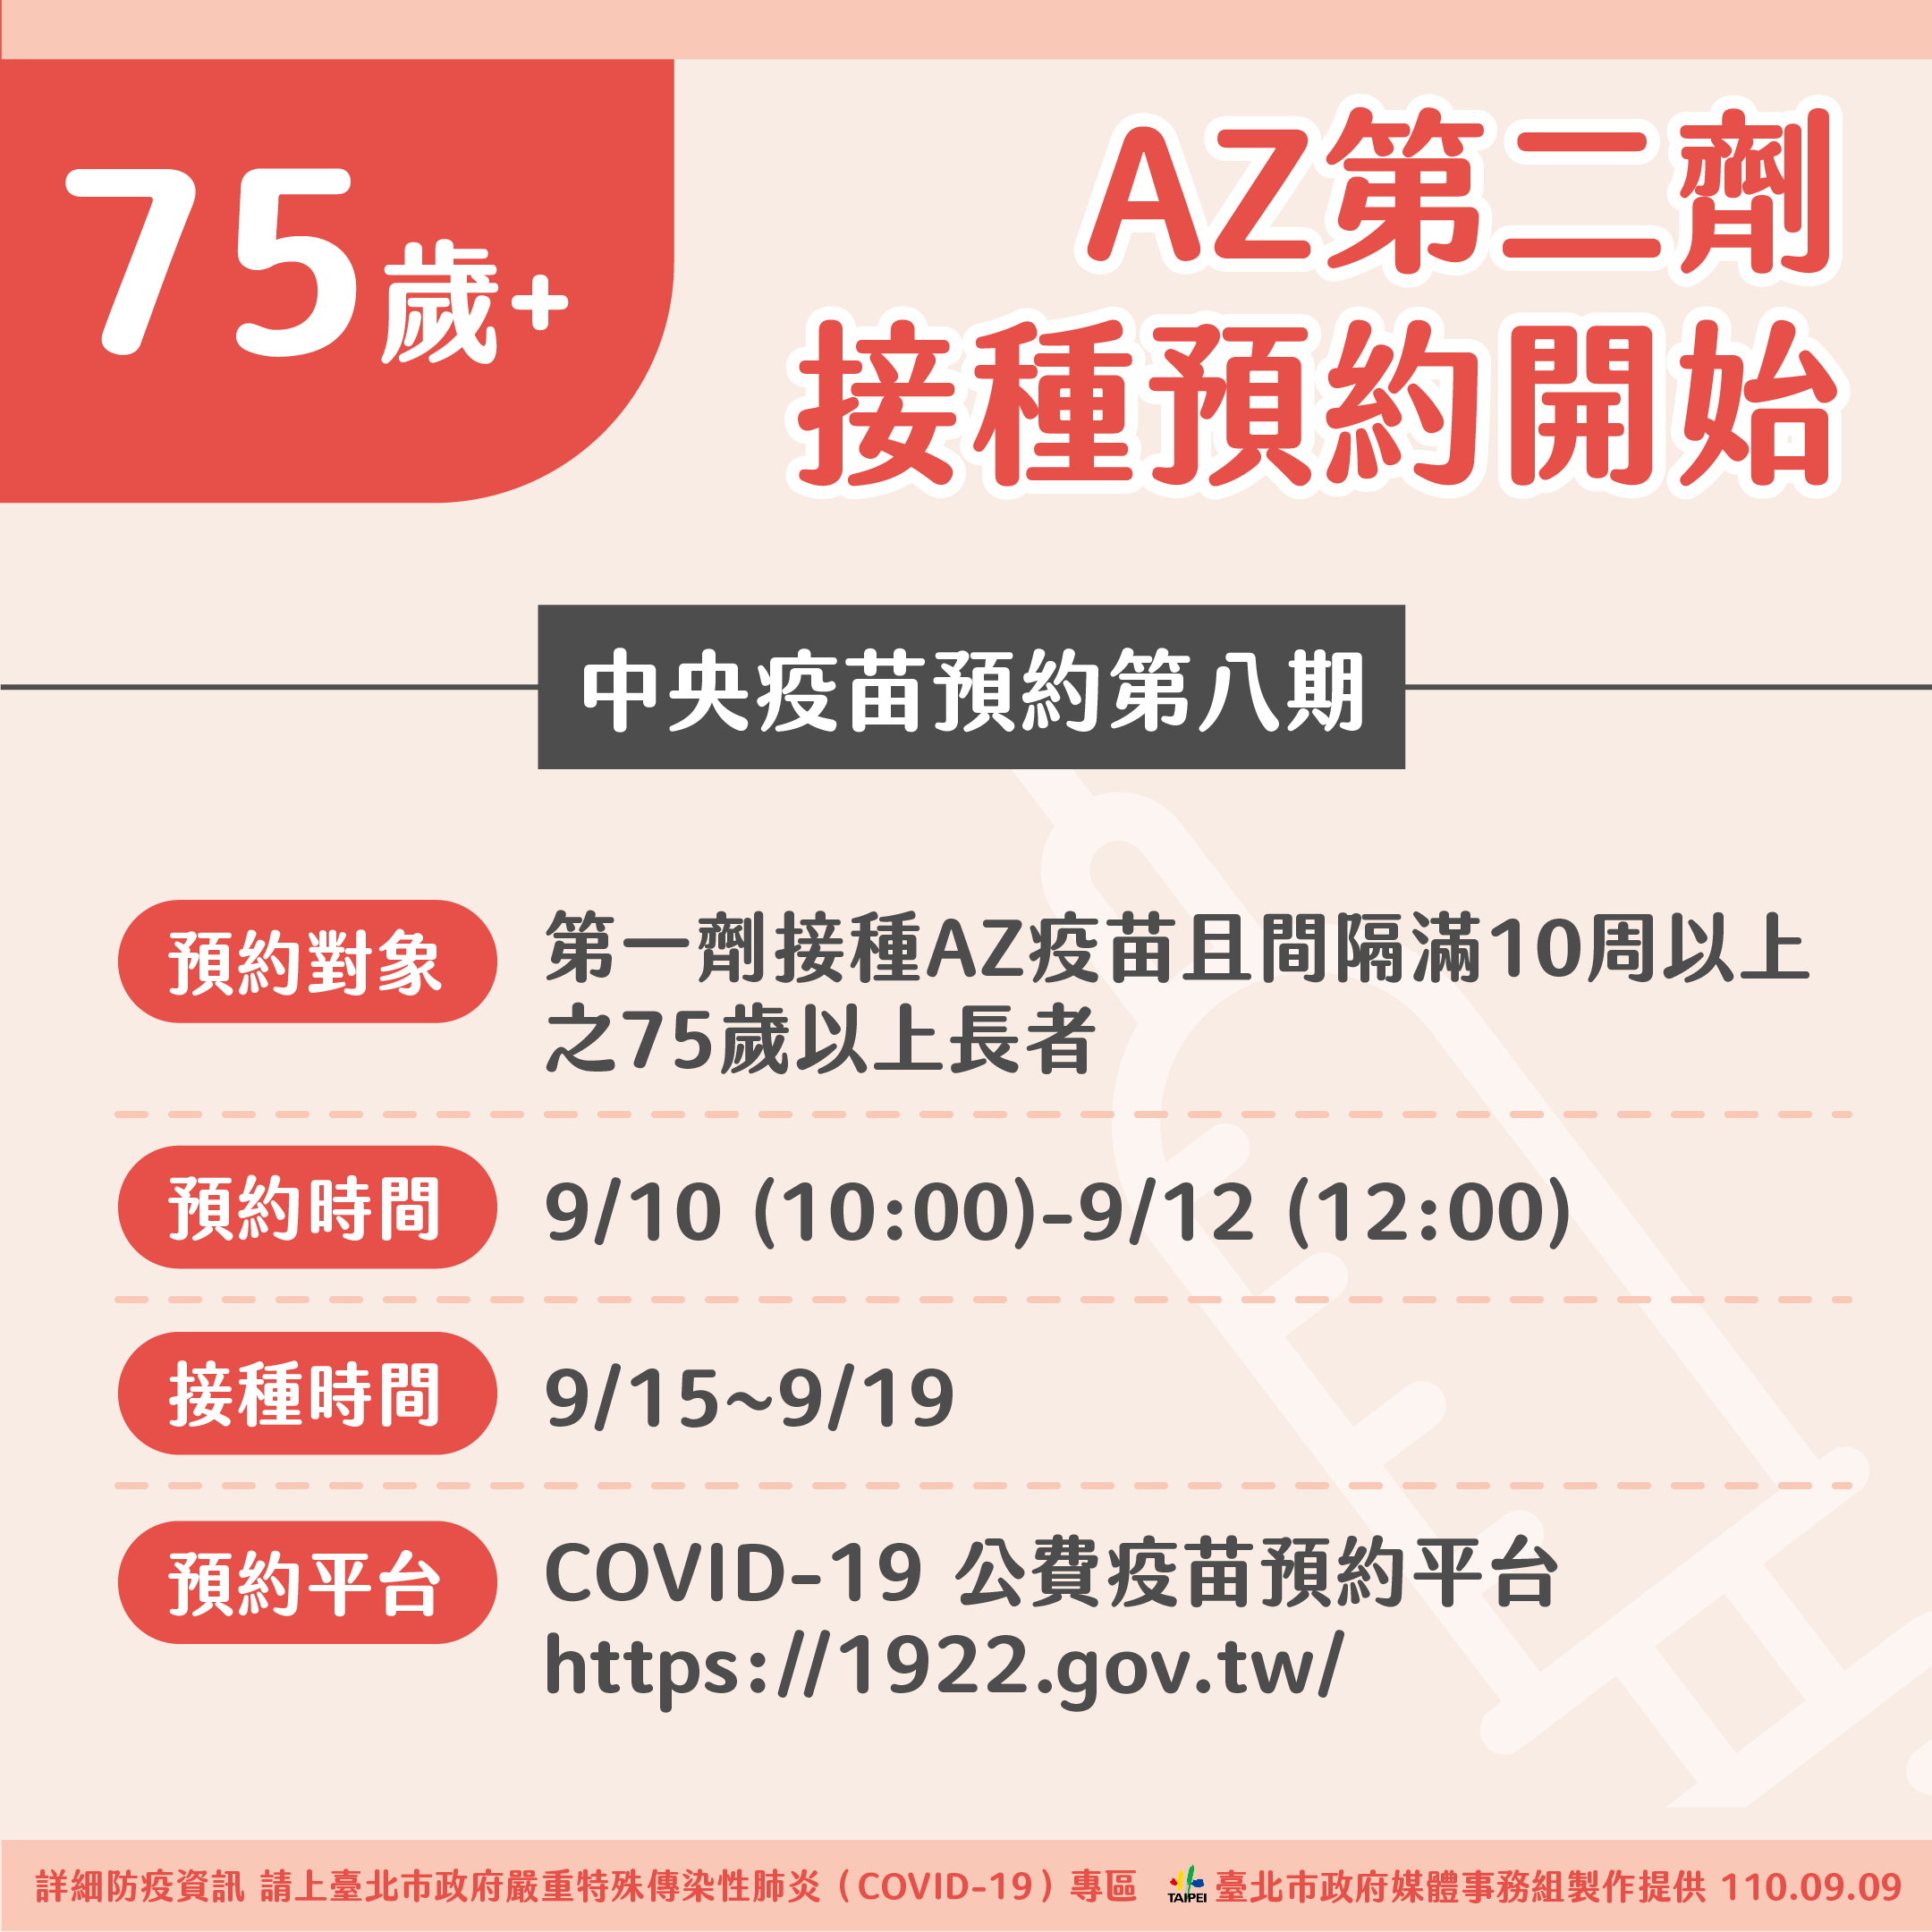 75歲+ AZ第二劑接種預約開始 中央疫苗預約第8期